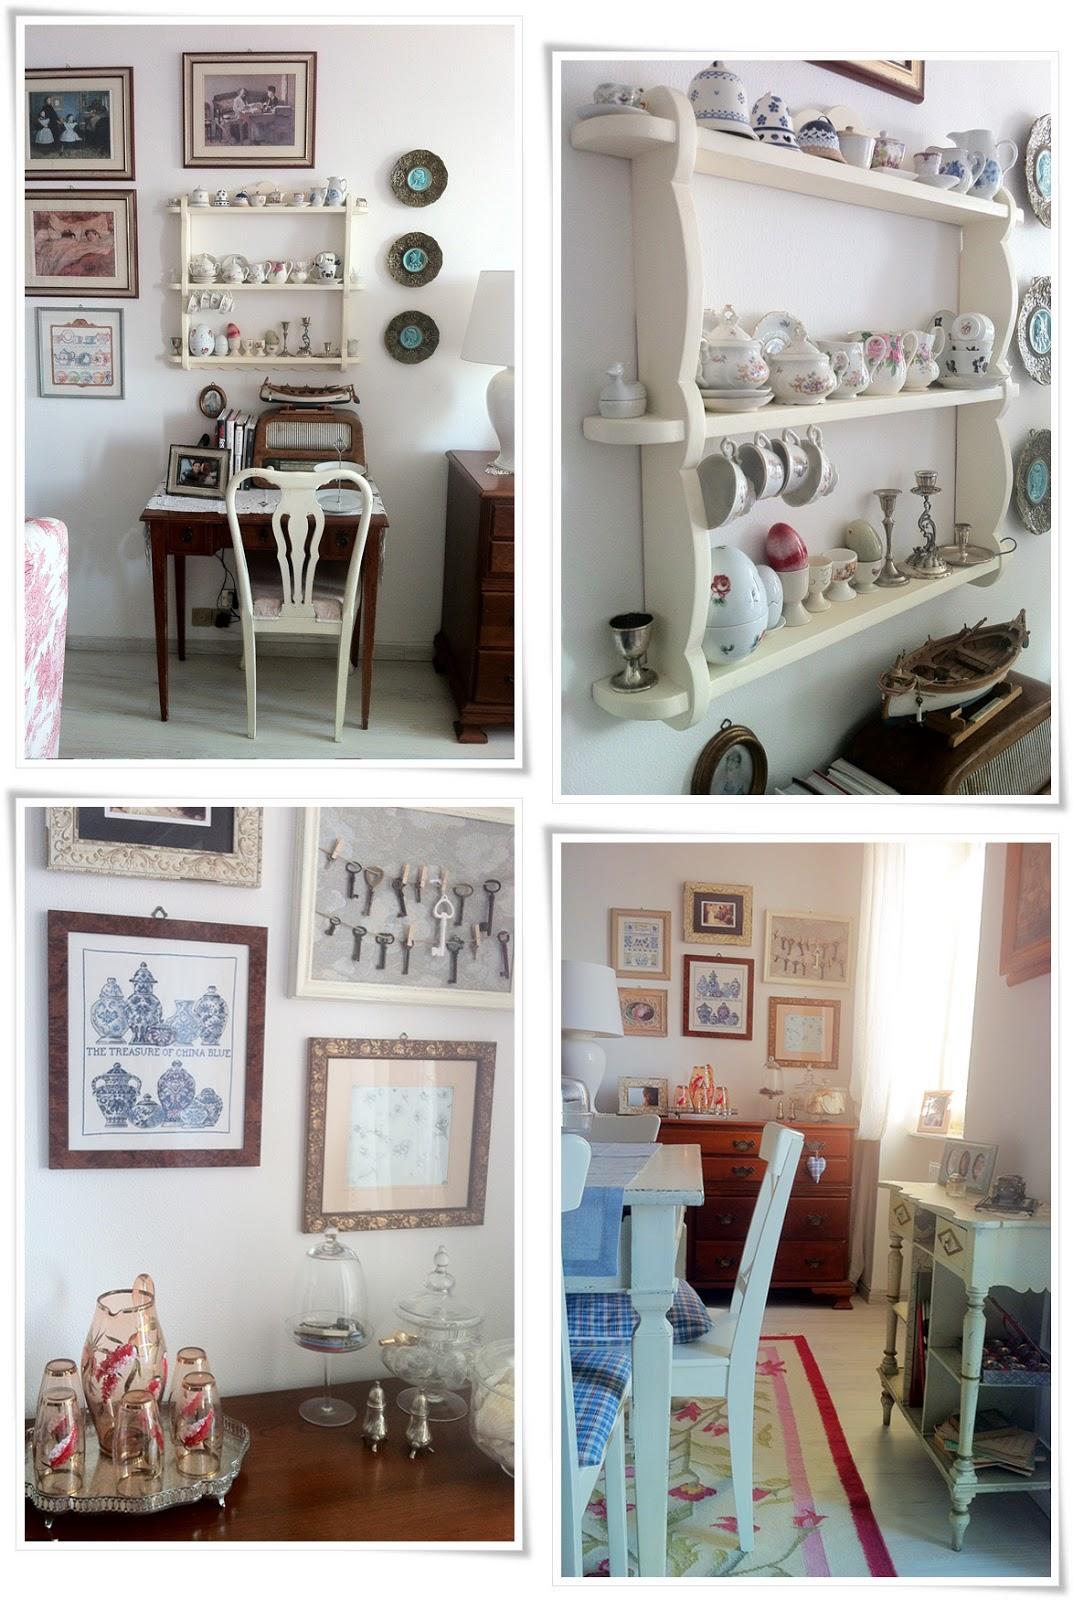 La casa della mamma - Shabby Chic Interiors